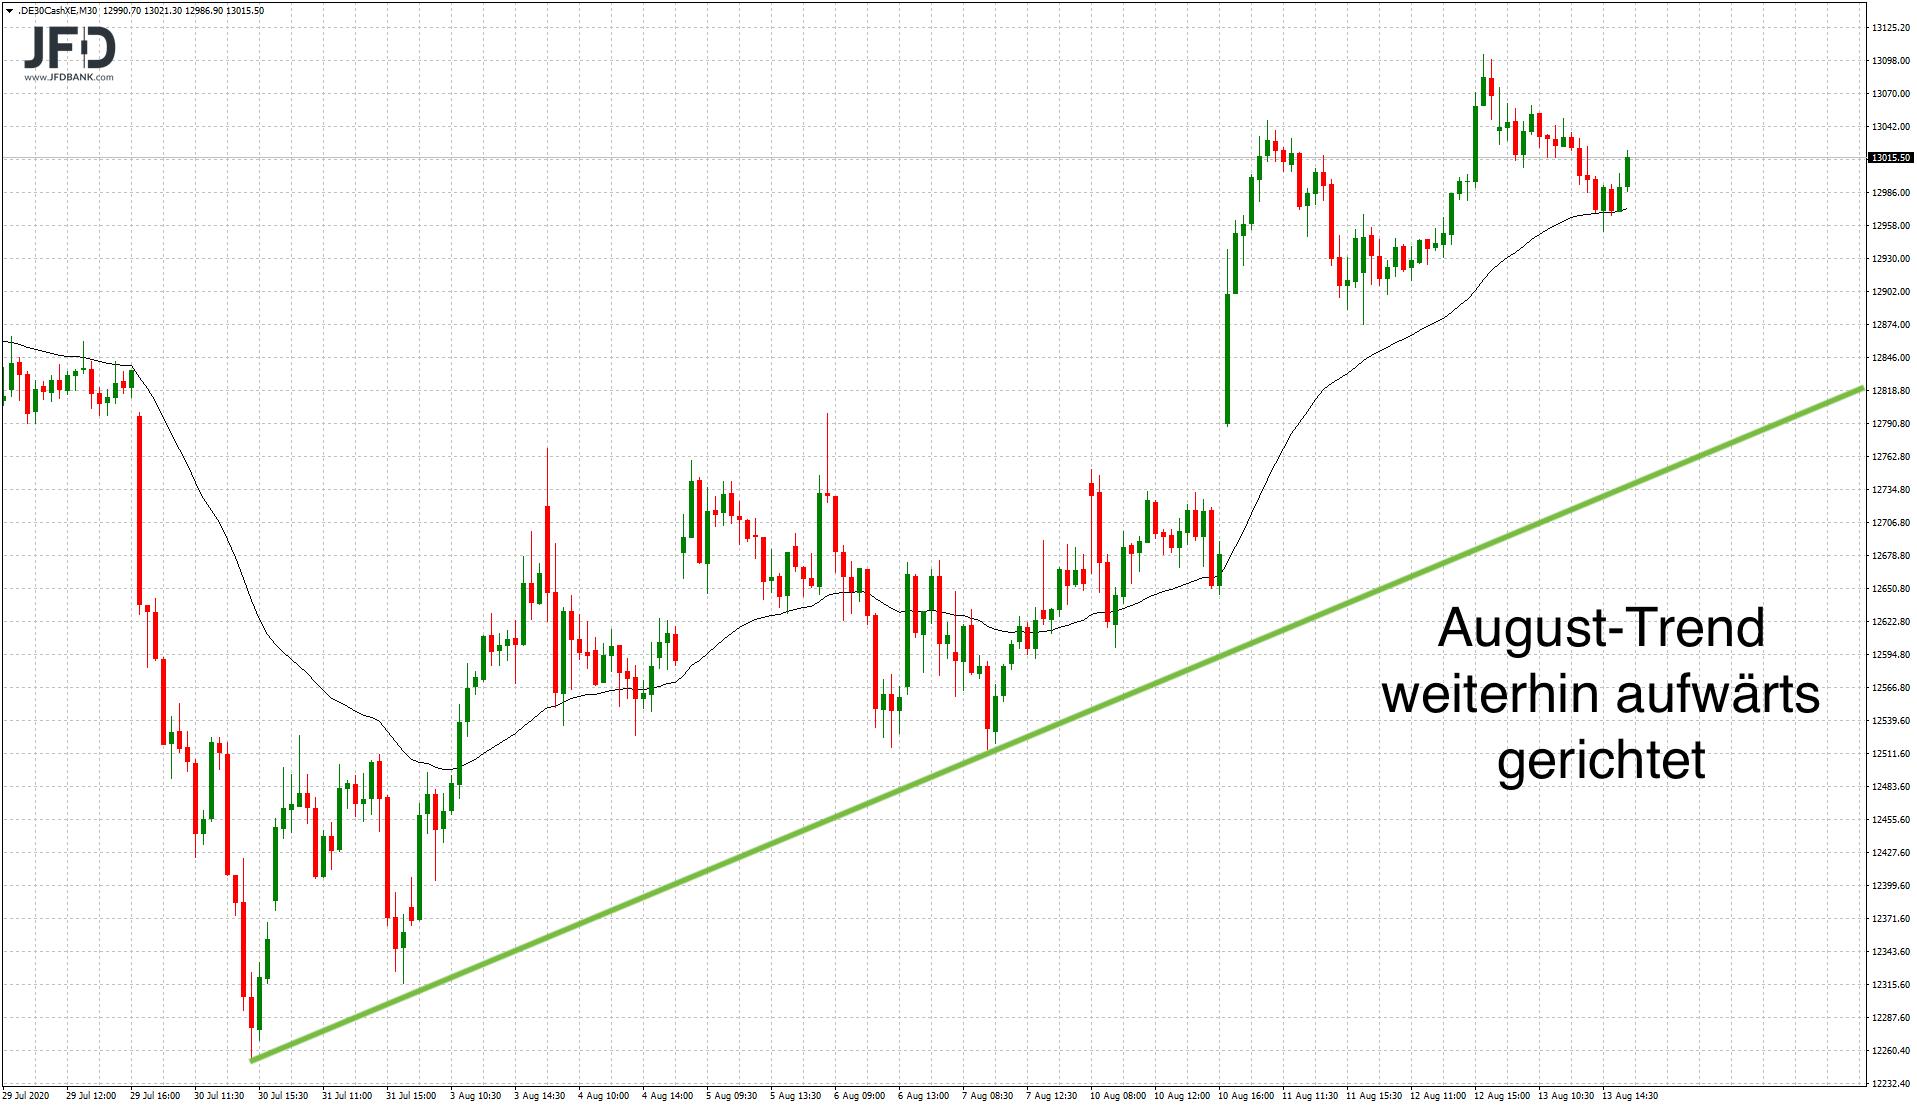 DAX-Handel-im-Fokus-der-13-000-Kommentar-JFD-Bank-GodmodeTrader.de-6